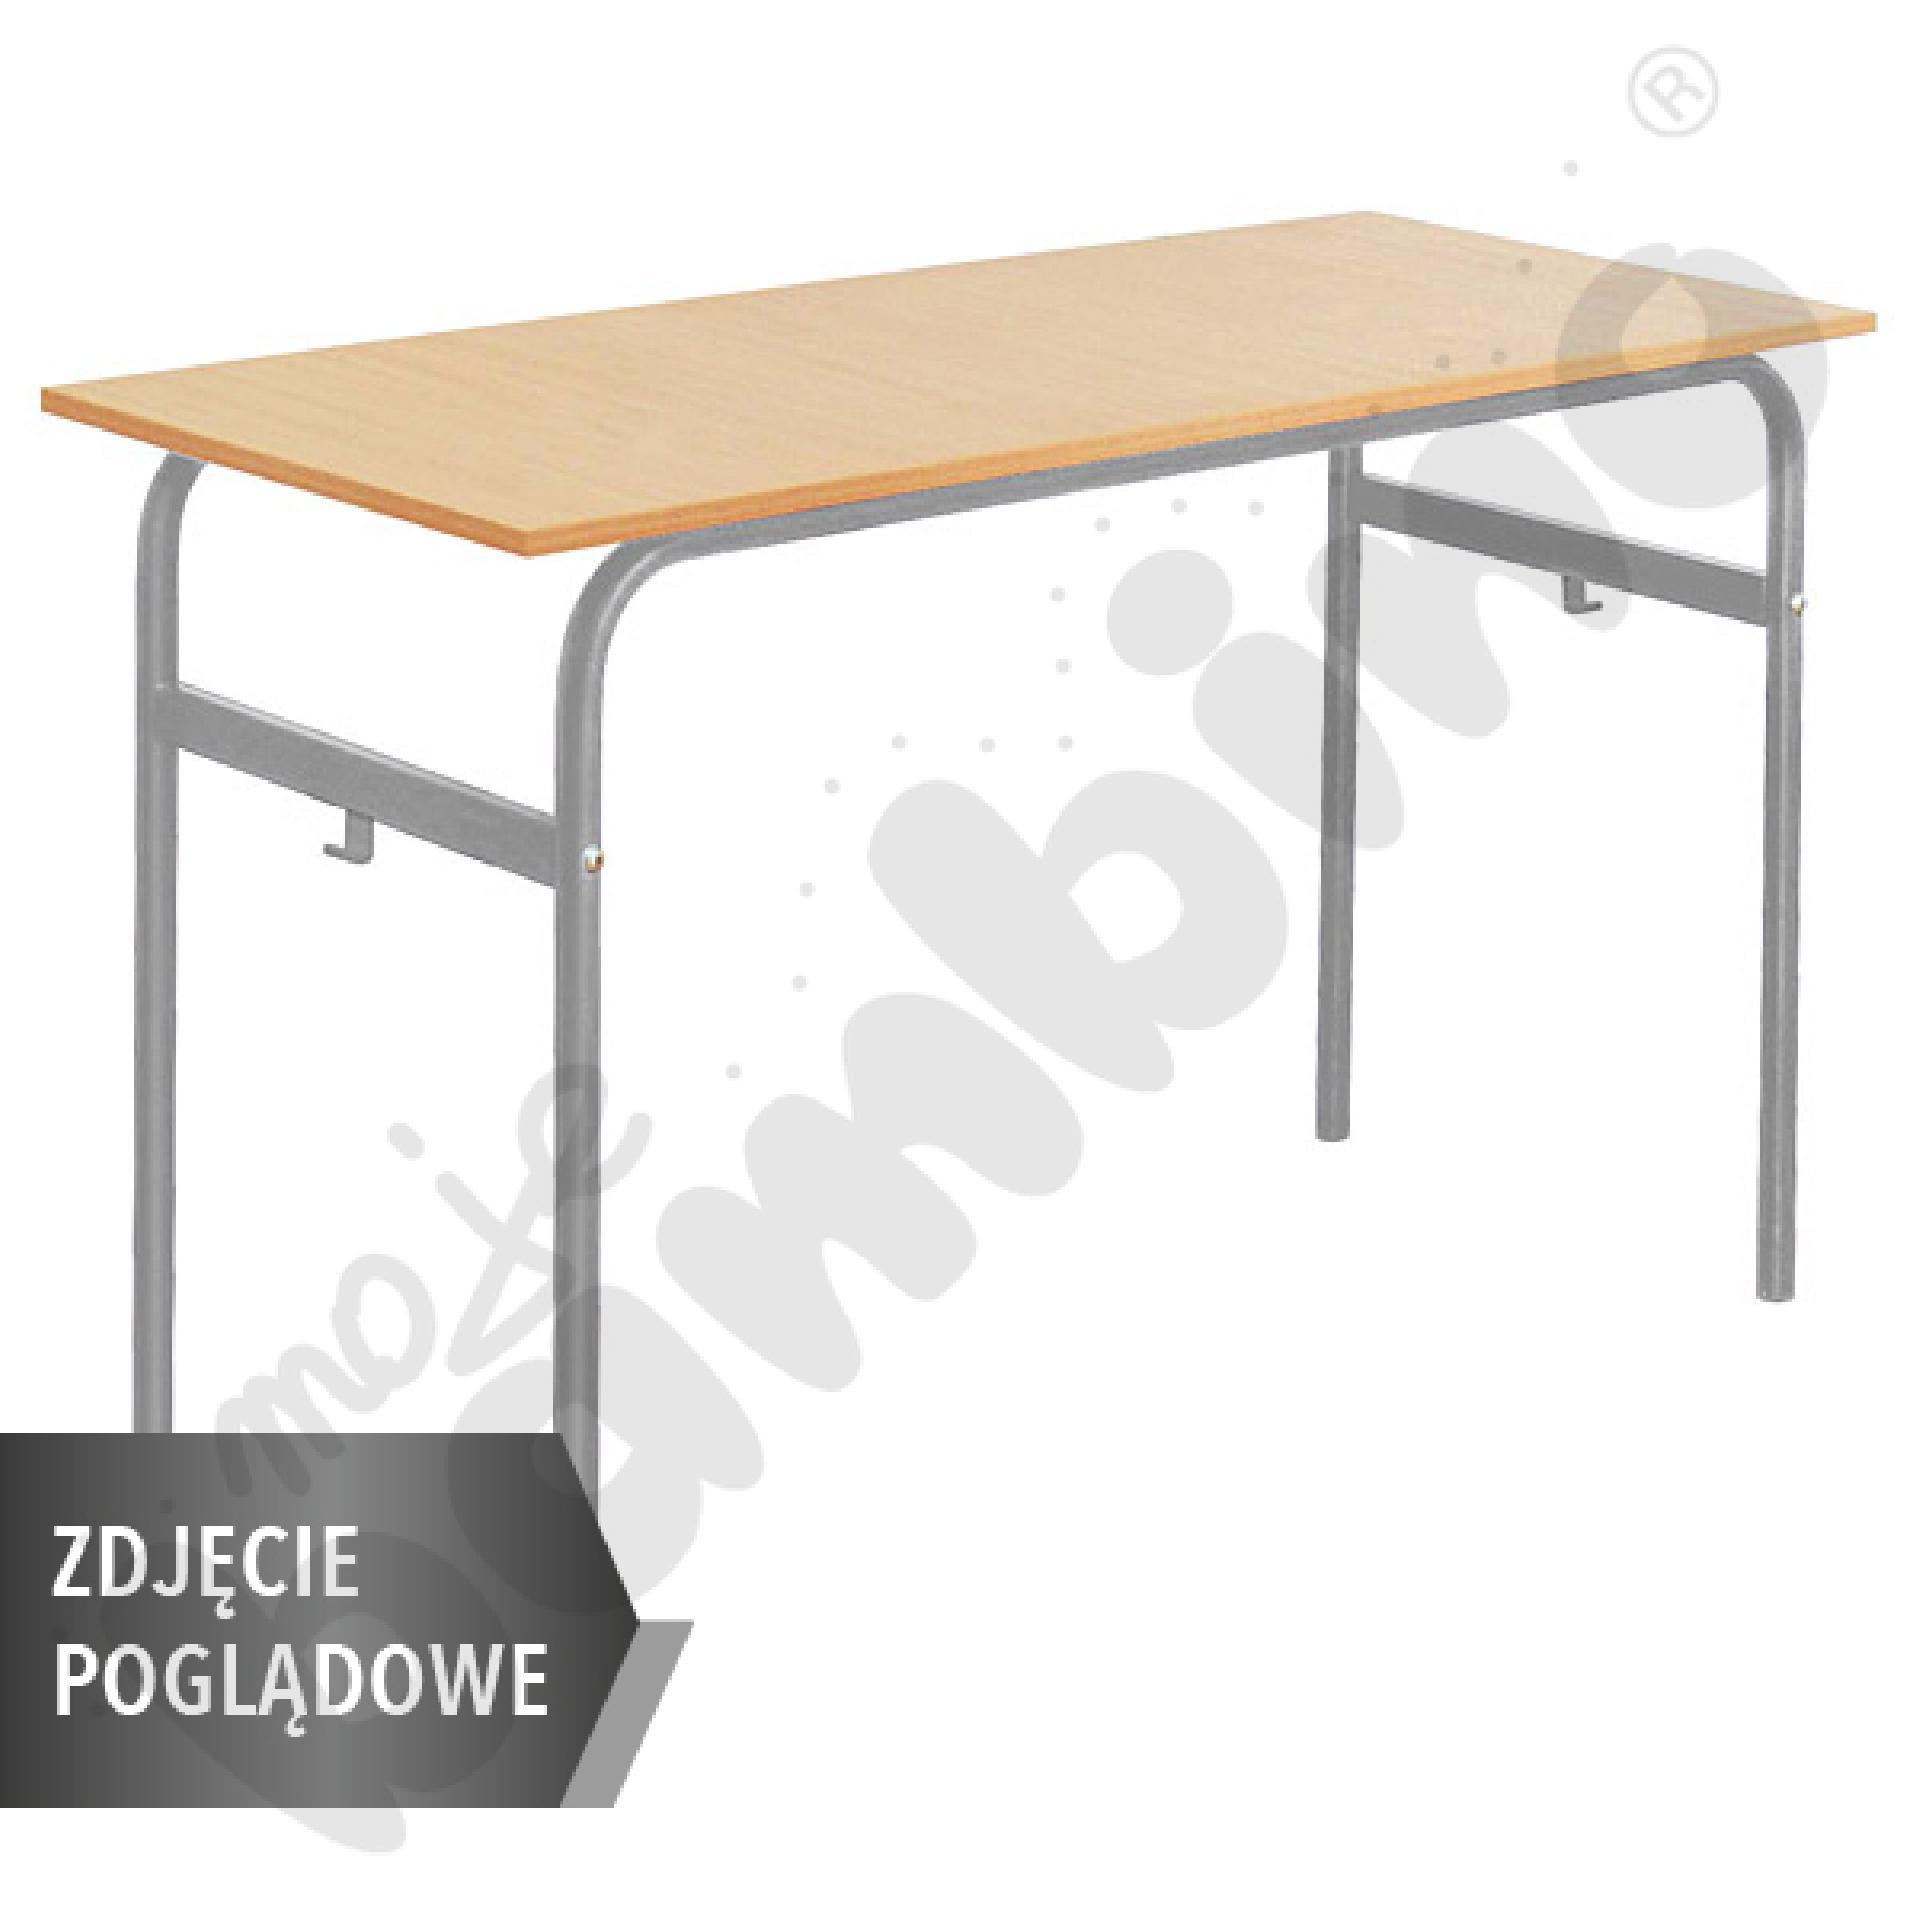 Stół Daniel 130x50 rozm. 4-6, 2os., stelaż czerwony, blat szary, obrzeże ABS, narożniki zaokrąglone